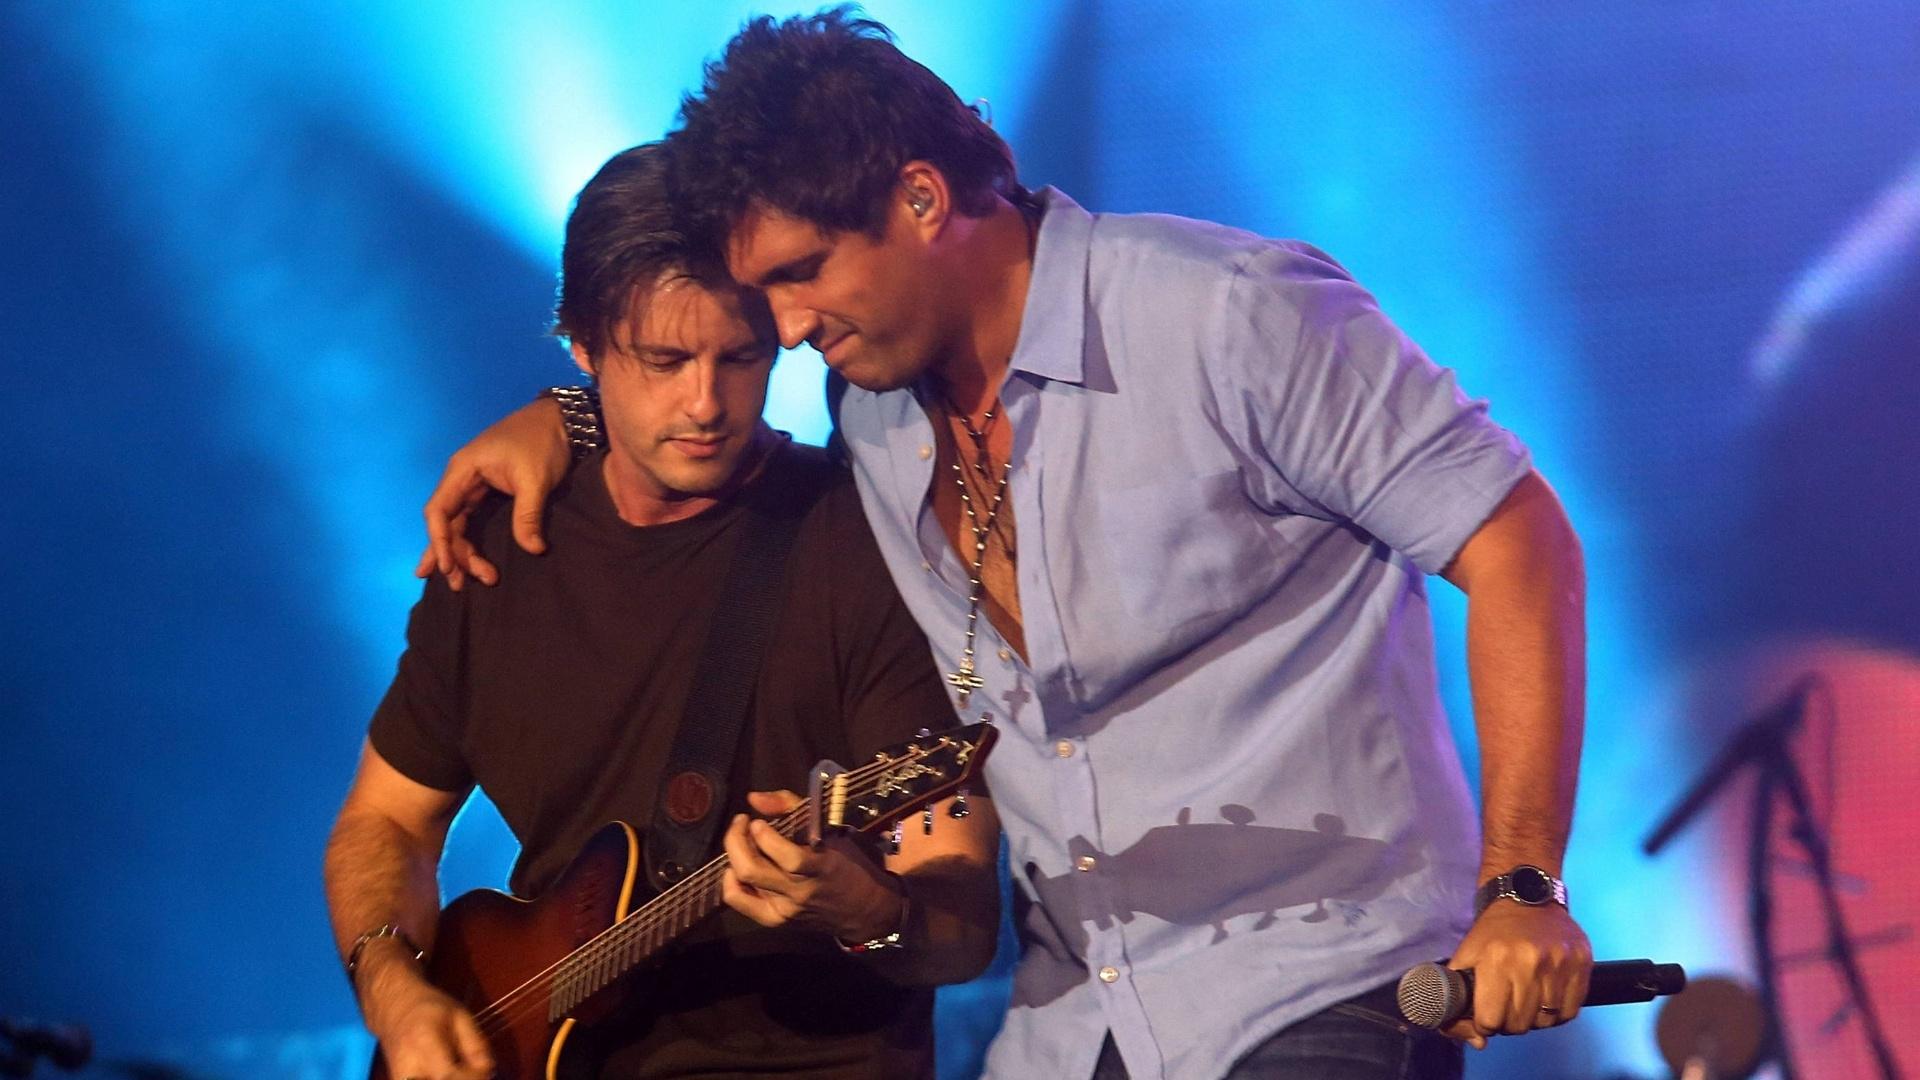 Dupla Victor e Leo se apresenta no segundo dia da 57ª edição da Festa do Peão de Barretos (SP) (17/8/2012)